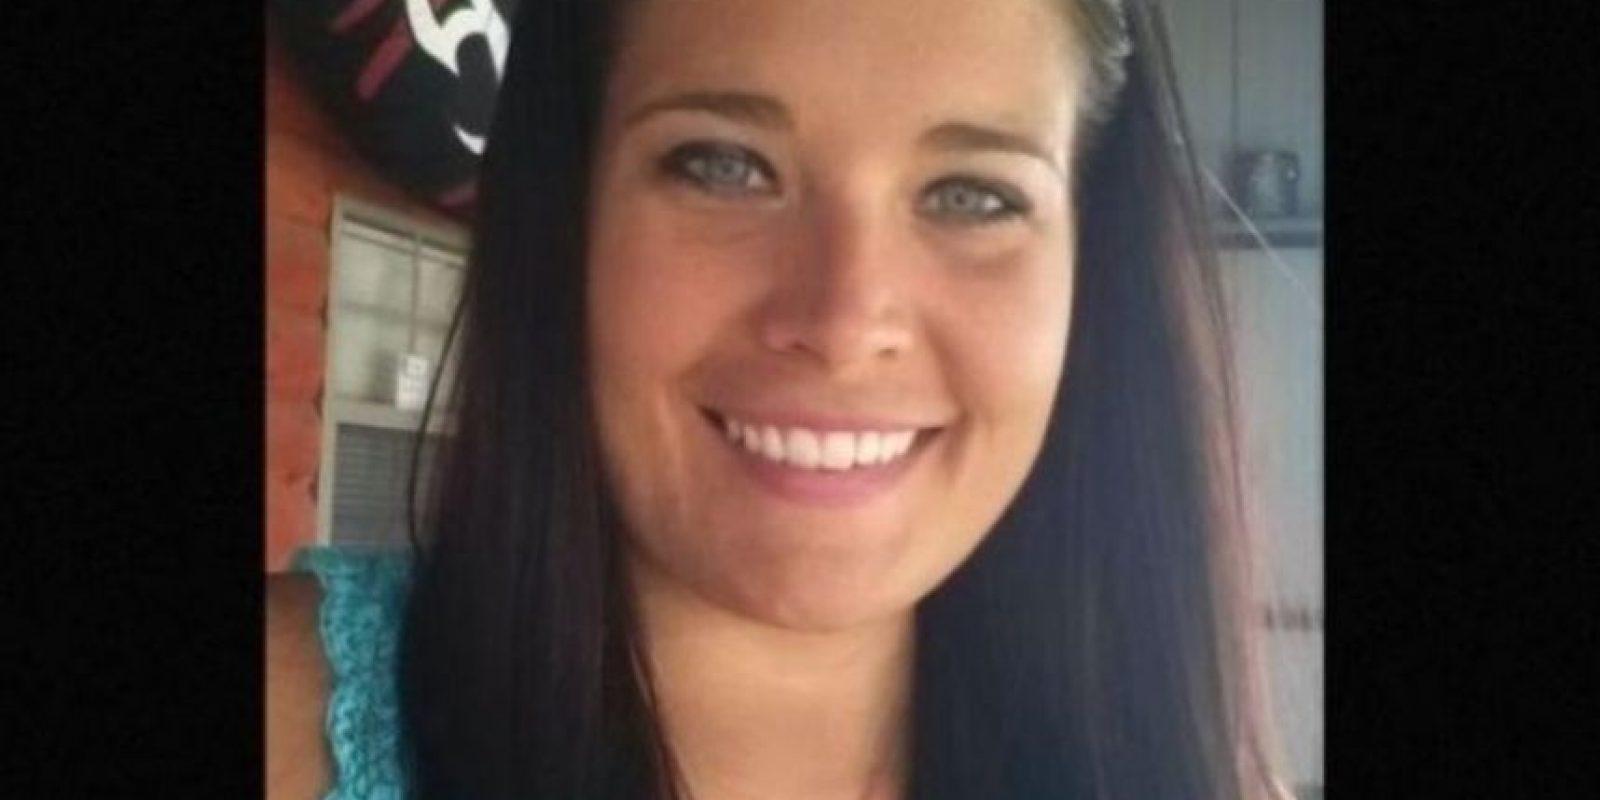 Jennifer Sexton debió renunciar a su trabajo cuando se reveló que había tenido relaciones con uno de sus alumnos Foto:Facebook